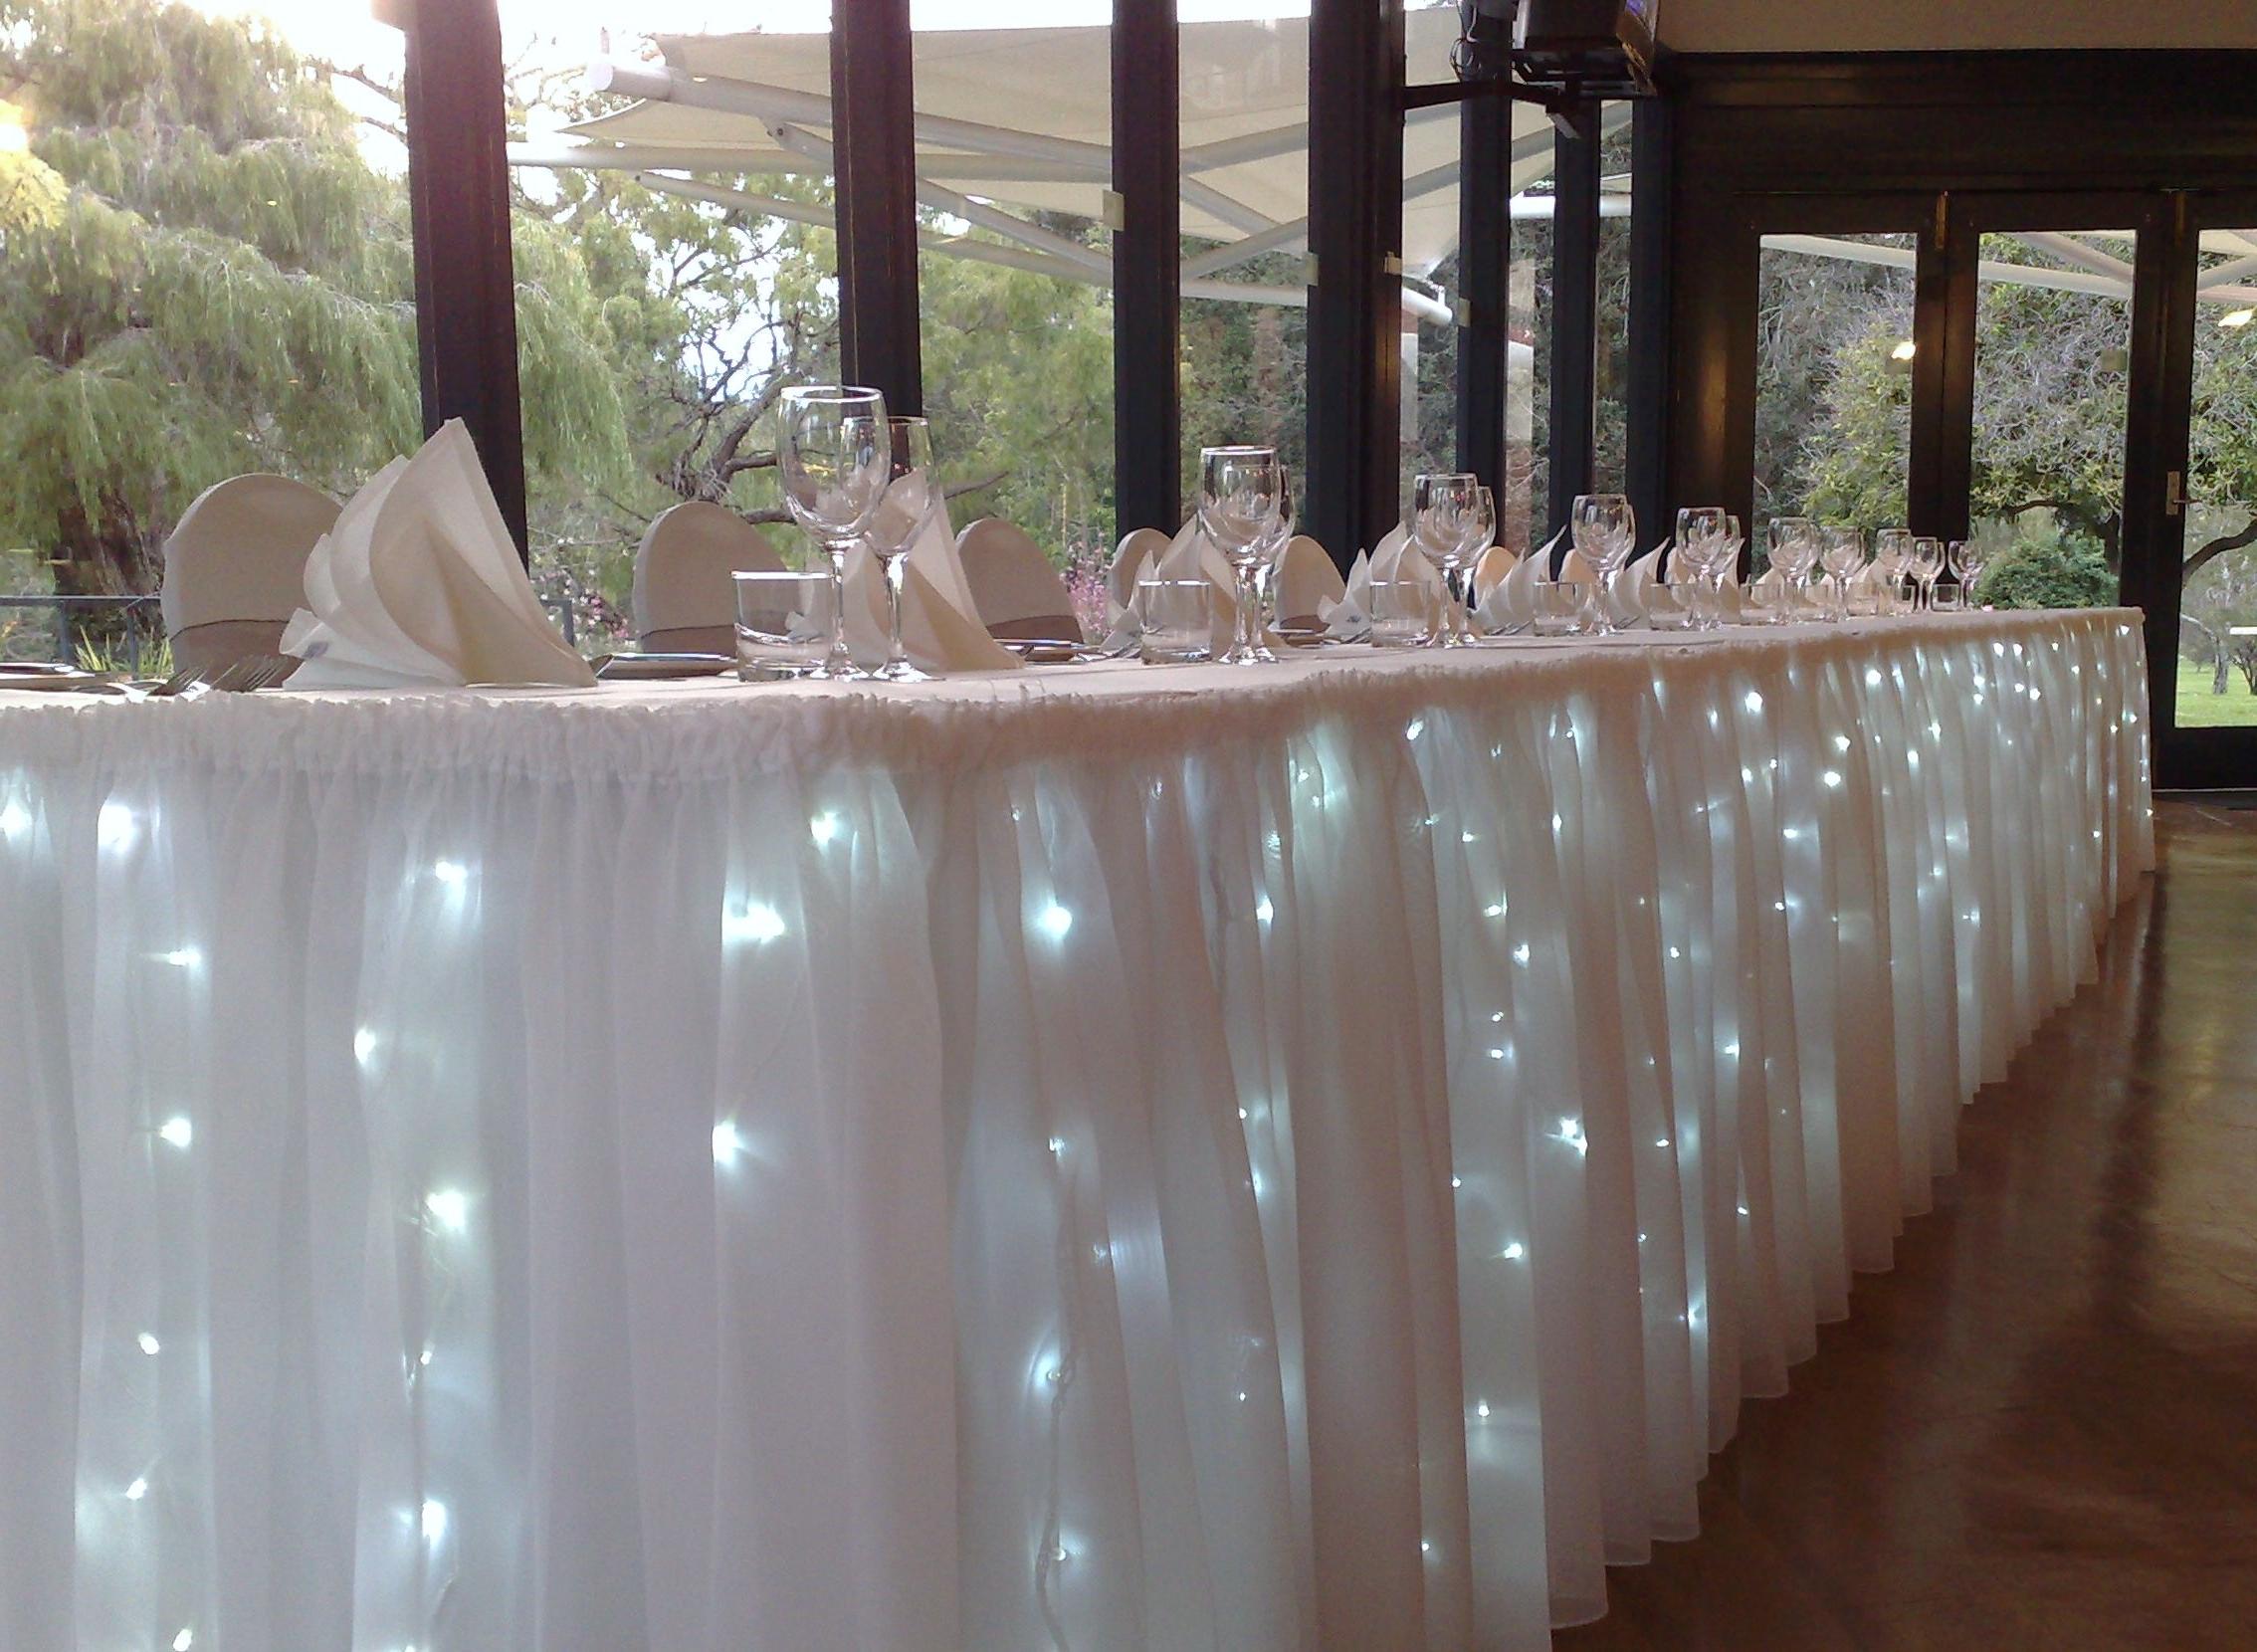 Mesa De Luces 8ydm Mesa Adornada Con Luces Ideal Para Cualquier Tipo De evento